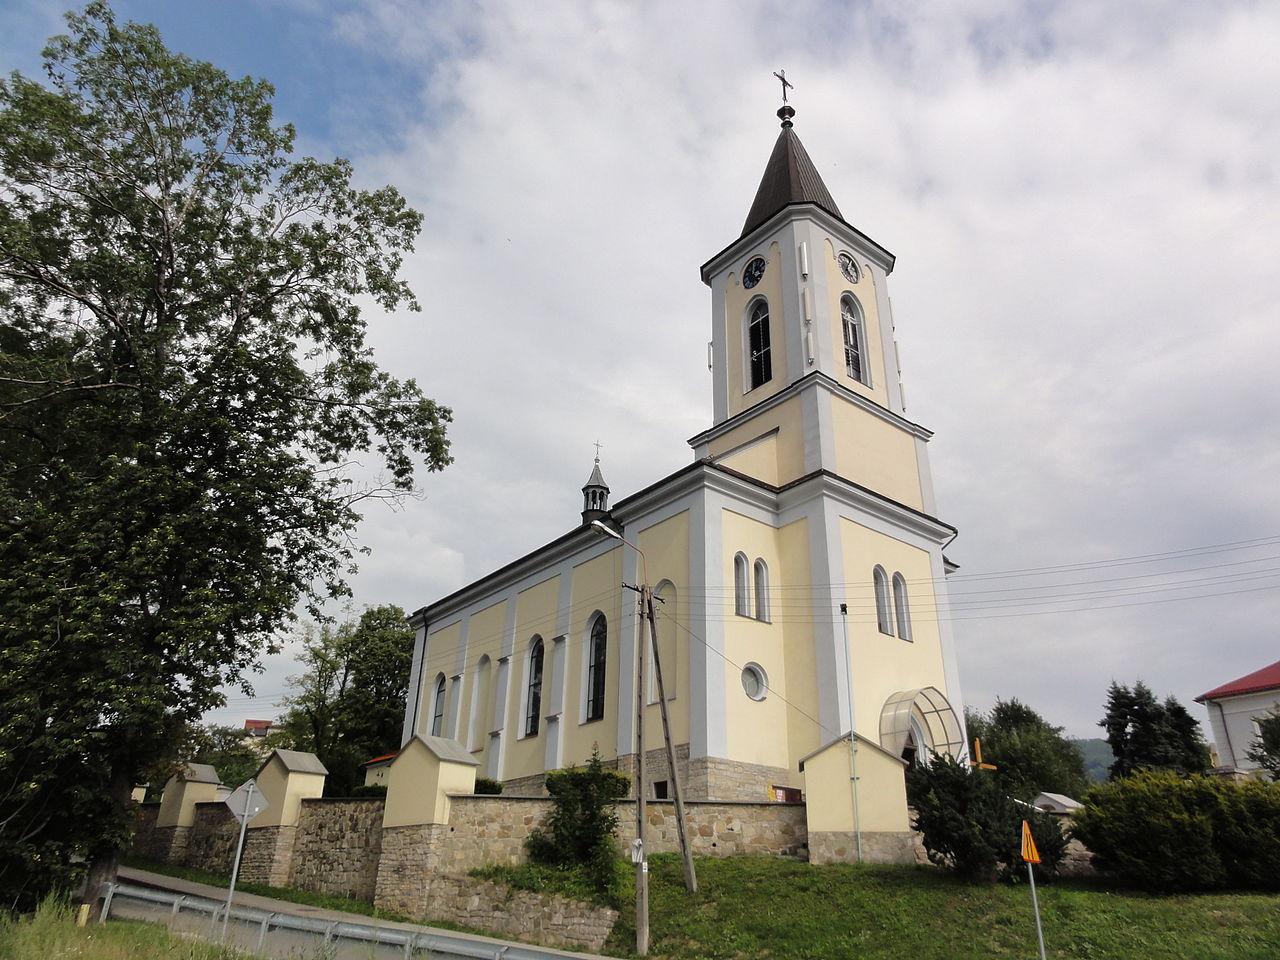 Kościół Narodzenia Najświętszej Maryi Panny w Bielsku-Białej